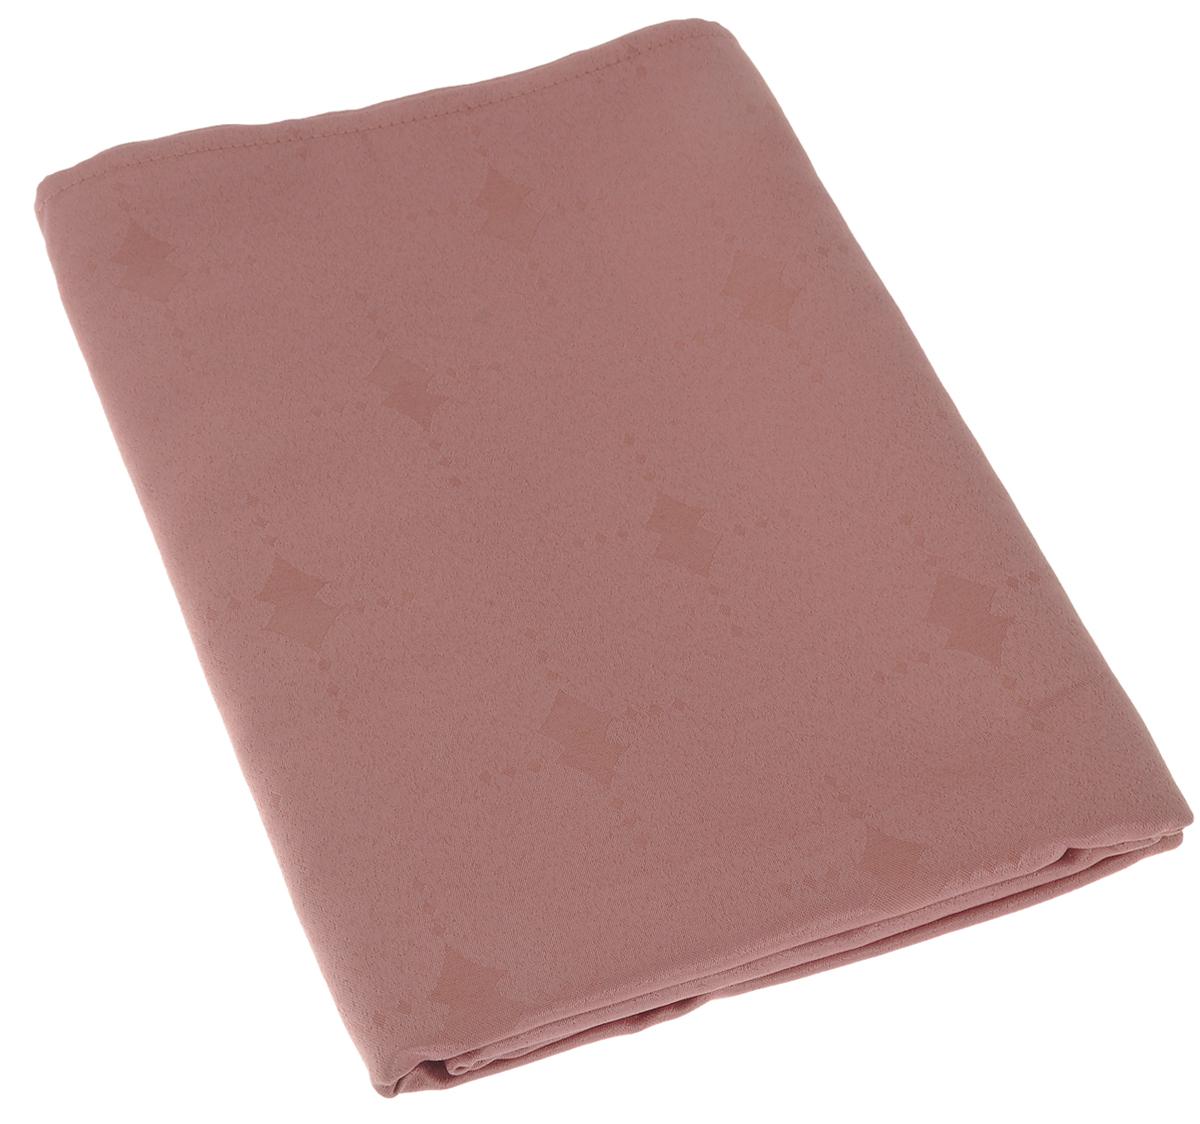 Скатерть Schaefer, прямоугольная, цвет: пепельно-розовый, 130 х 160 см. 07508-42707508-427Изящная прямоугольная скатерть Schaefer, выполненная из плотного полиэстера, станет украшением кухонного стола. Изделие декорировано красивым узором в виде ромбов.За текстилем из полиэстера очень легко ухаживать: он не мнется, не садится и быстро сохнет, легко стирается, более долговечен, чем текстиль из натуральных волокон.Использование такой скатерти сделает застолье торжественным, поднимет настроение гостей и приятно удивит их вашим изысканным вкусом. Также вы можете использовать эту скатерть для повседневной трапезы, превратив каждый прием пищи в волшебный праздник и веселье. Это текстильное изделие станет изысканным украшением вашего дома!